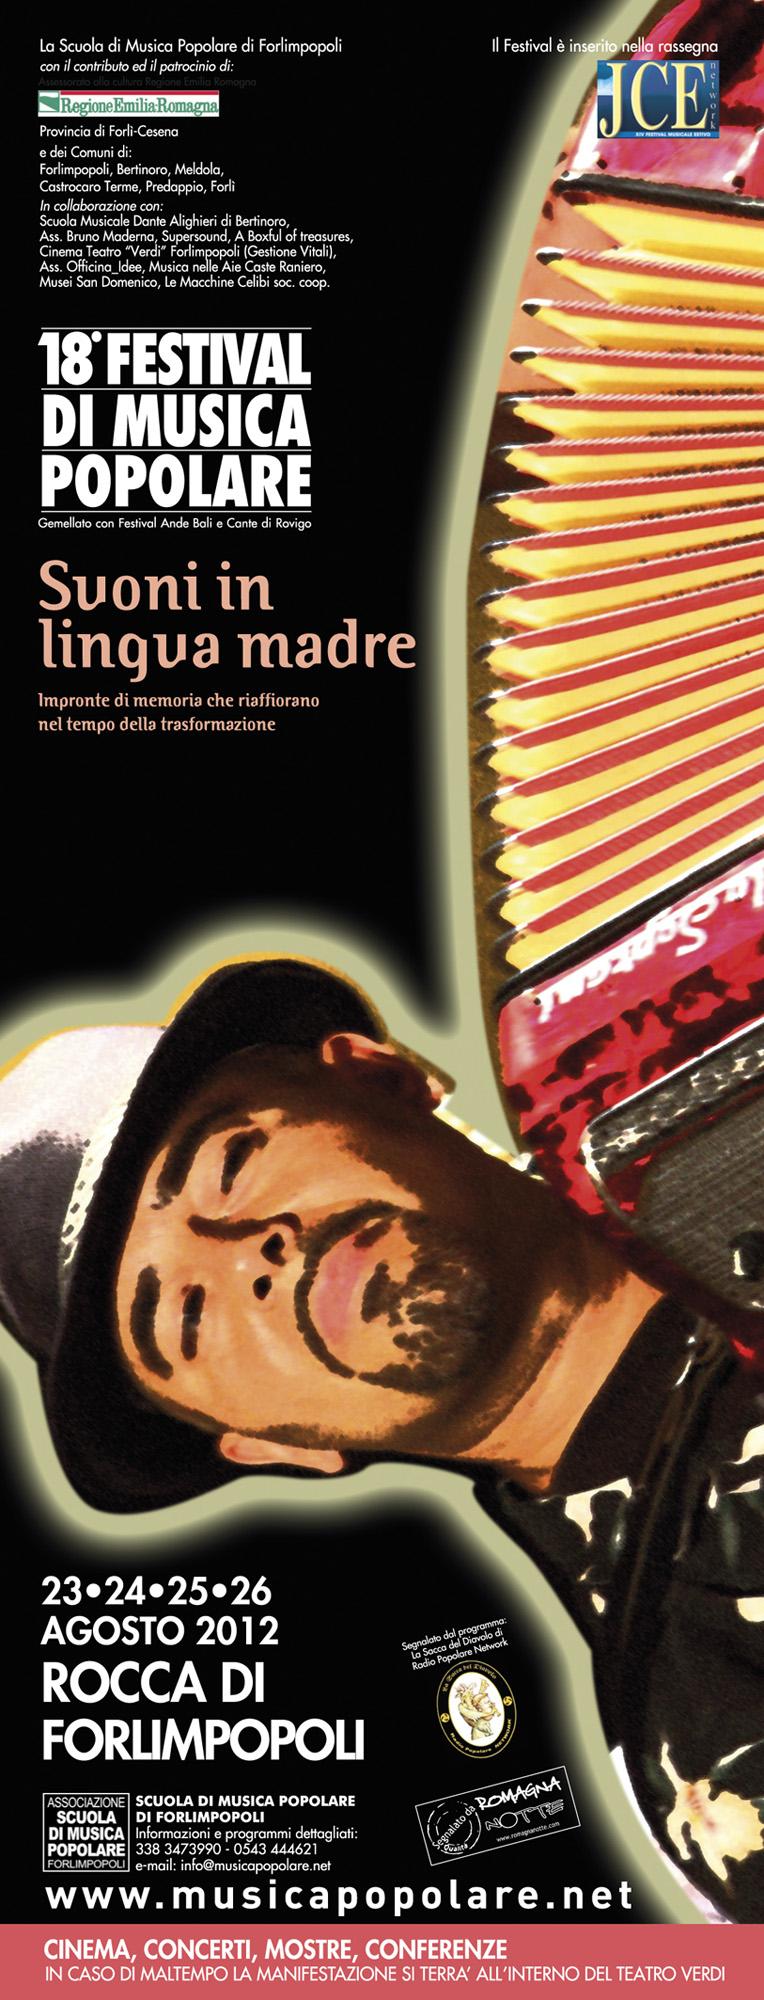 SUONI IN LINGUA MADRE – 18° FESTIVAL DI MUSICA POPOLARE DI FORLIMPOPOLI